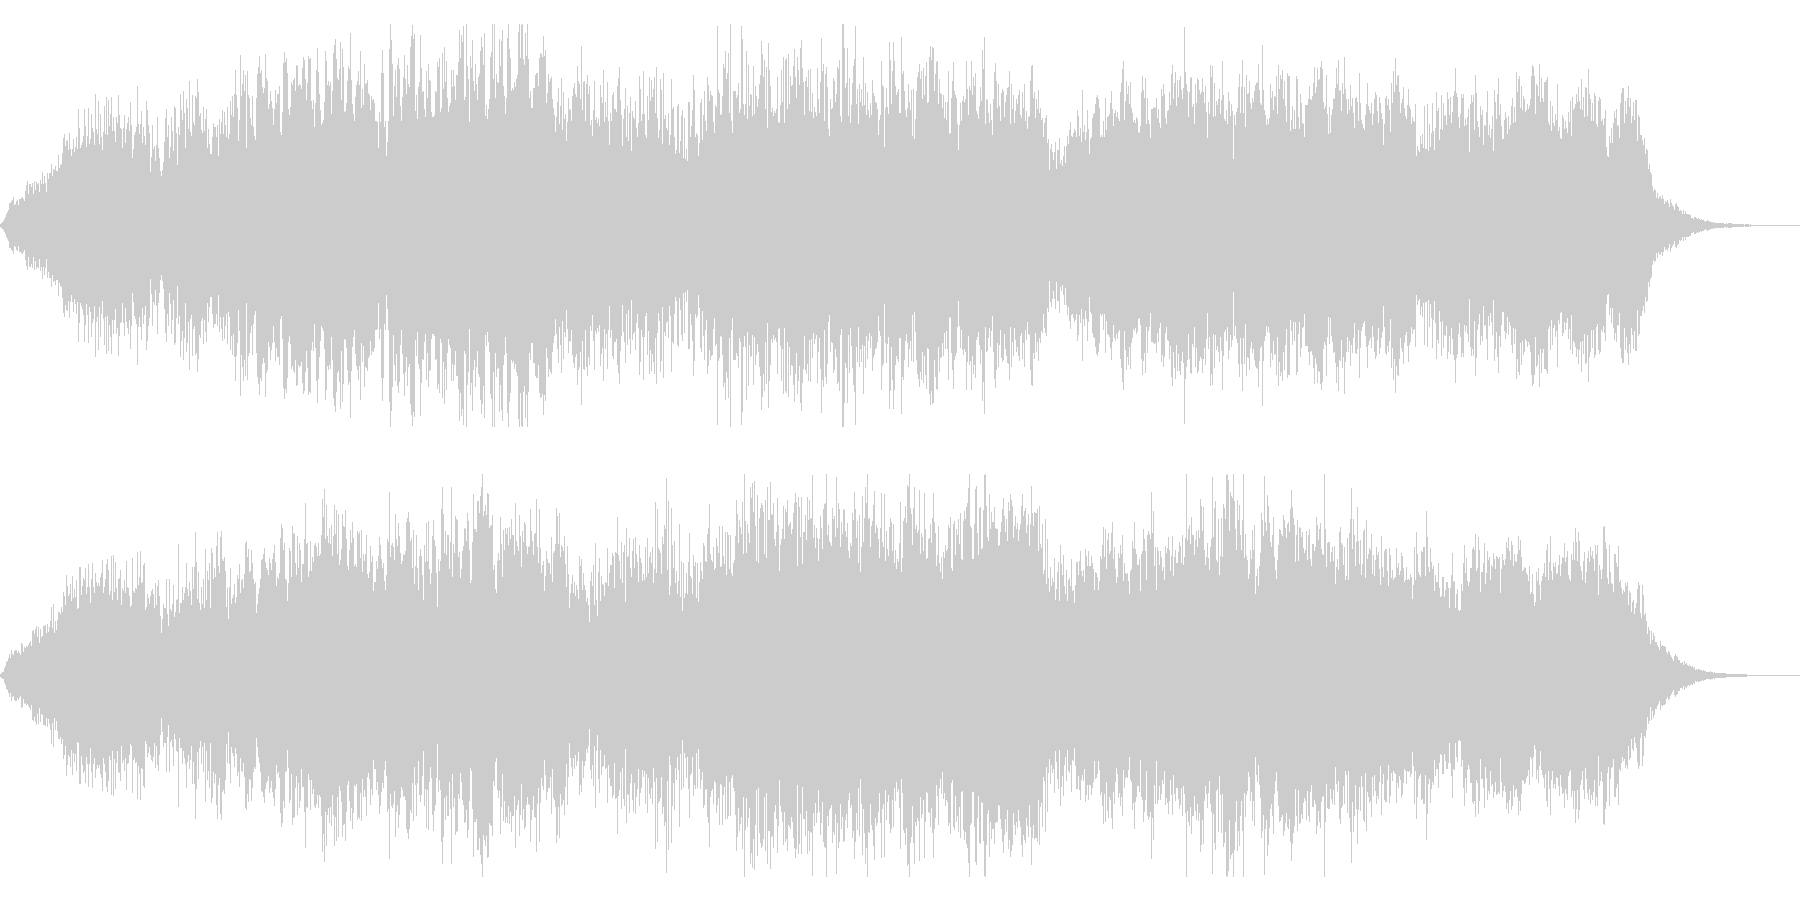 ダーク、ミステリアスなシネマチックBGMの未再生の波形